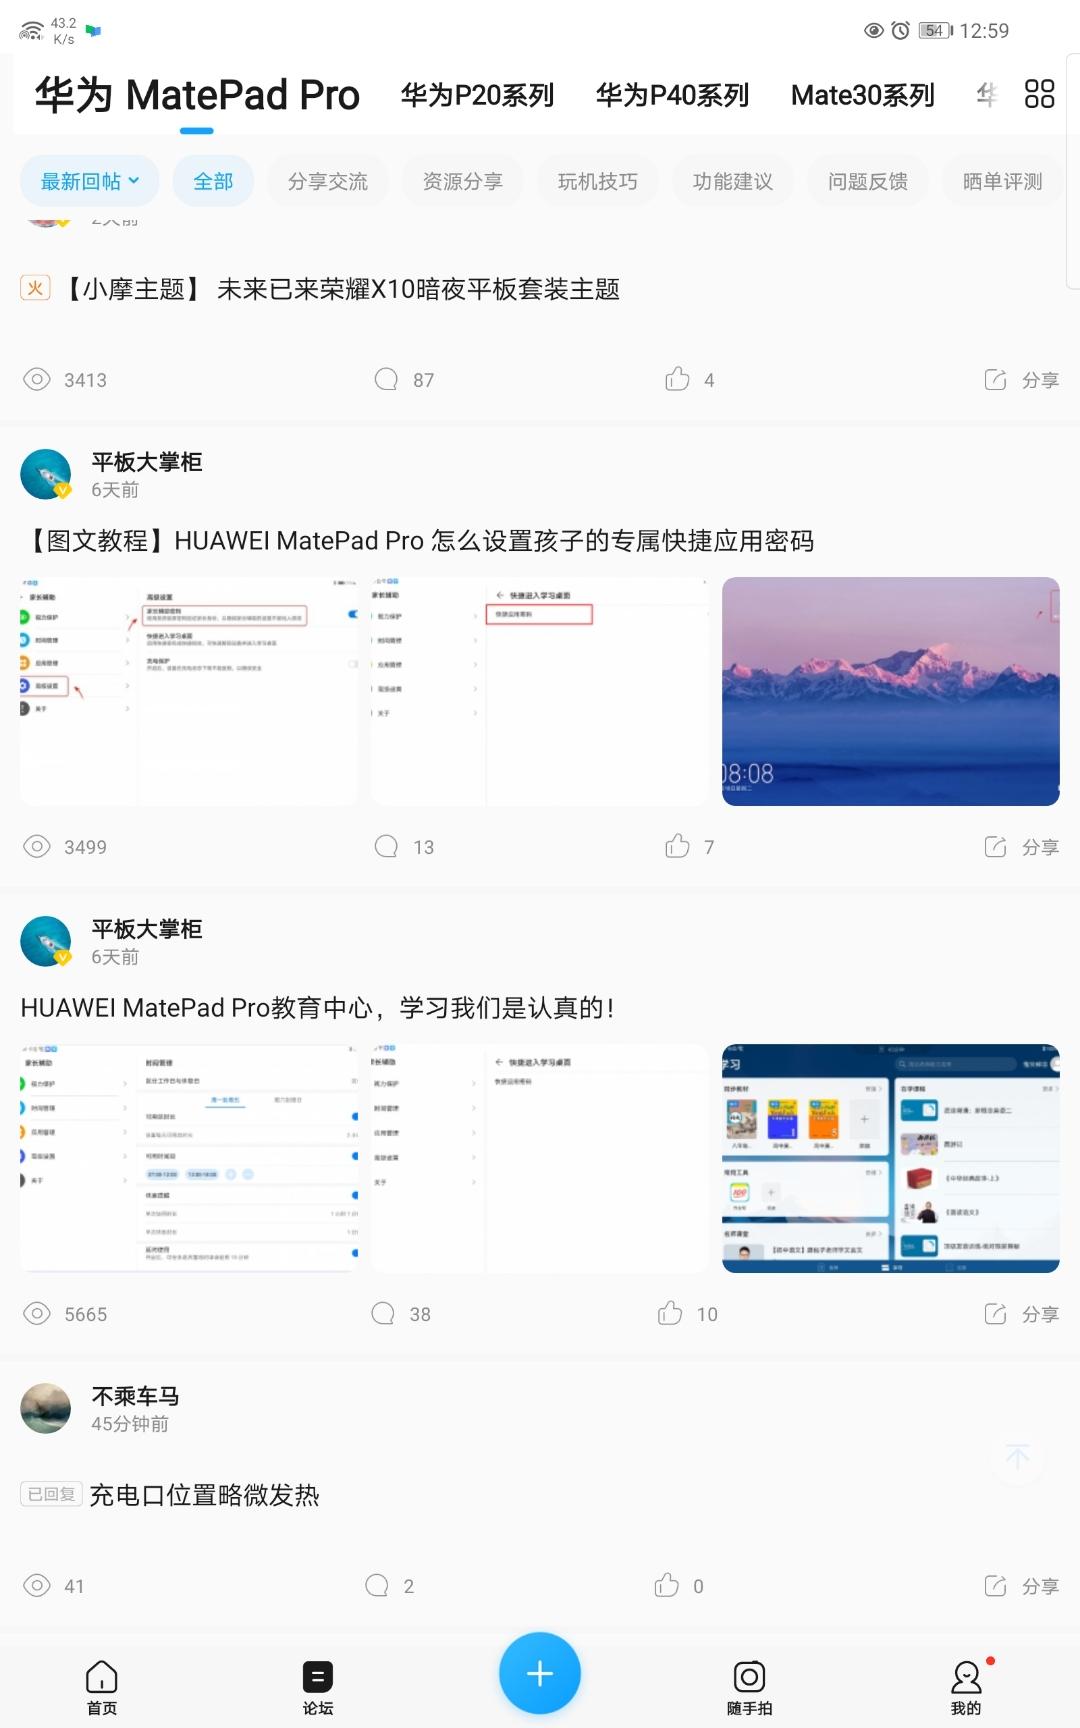 Screenshot_20200521_125925_com.huawei.fans.jpg